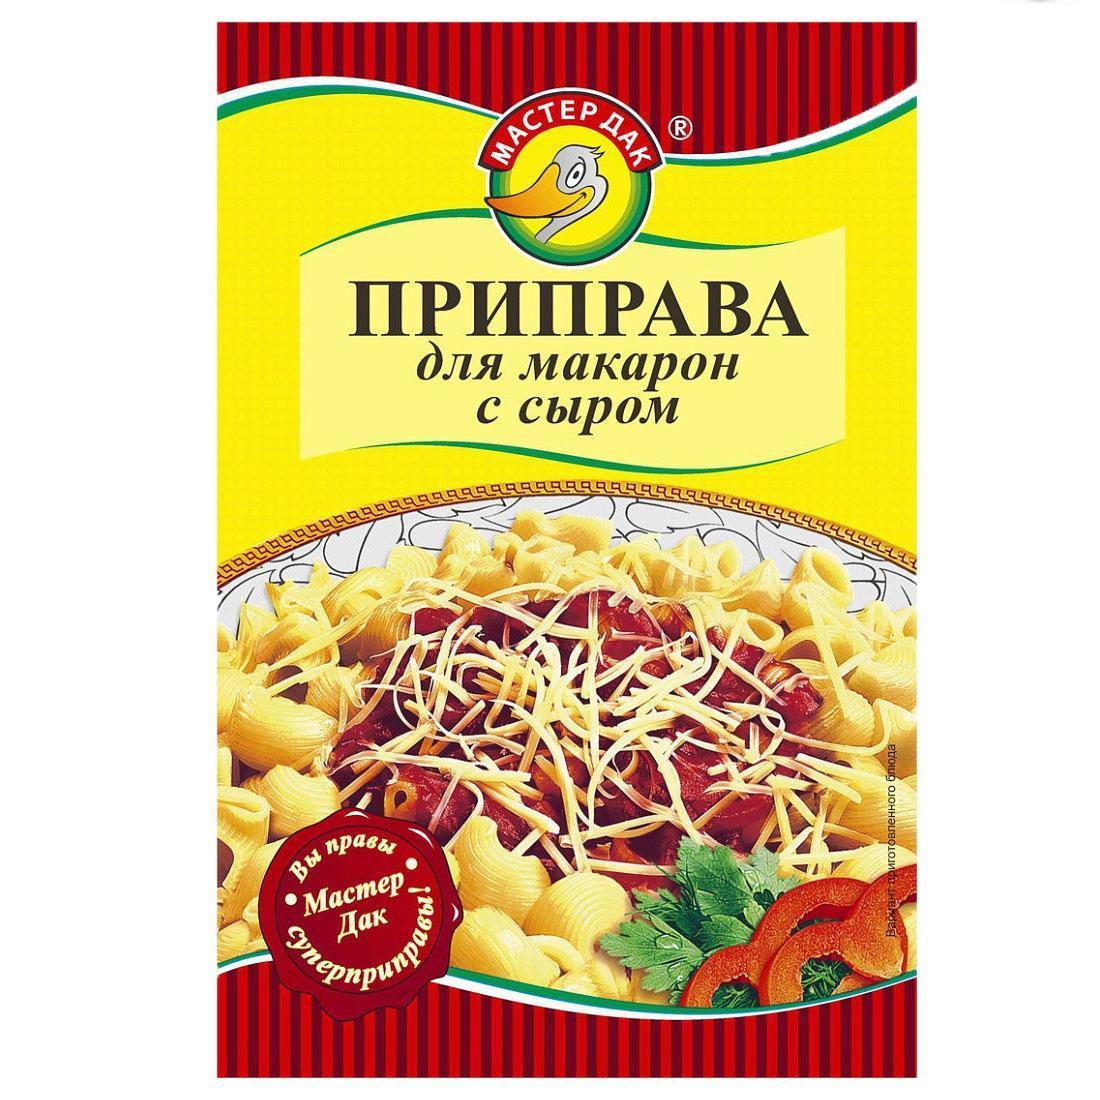 Приправа Мастер Дак для макарон с сыром